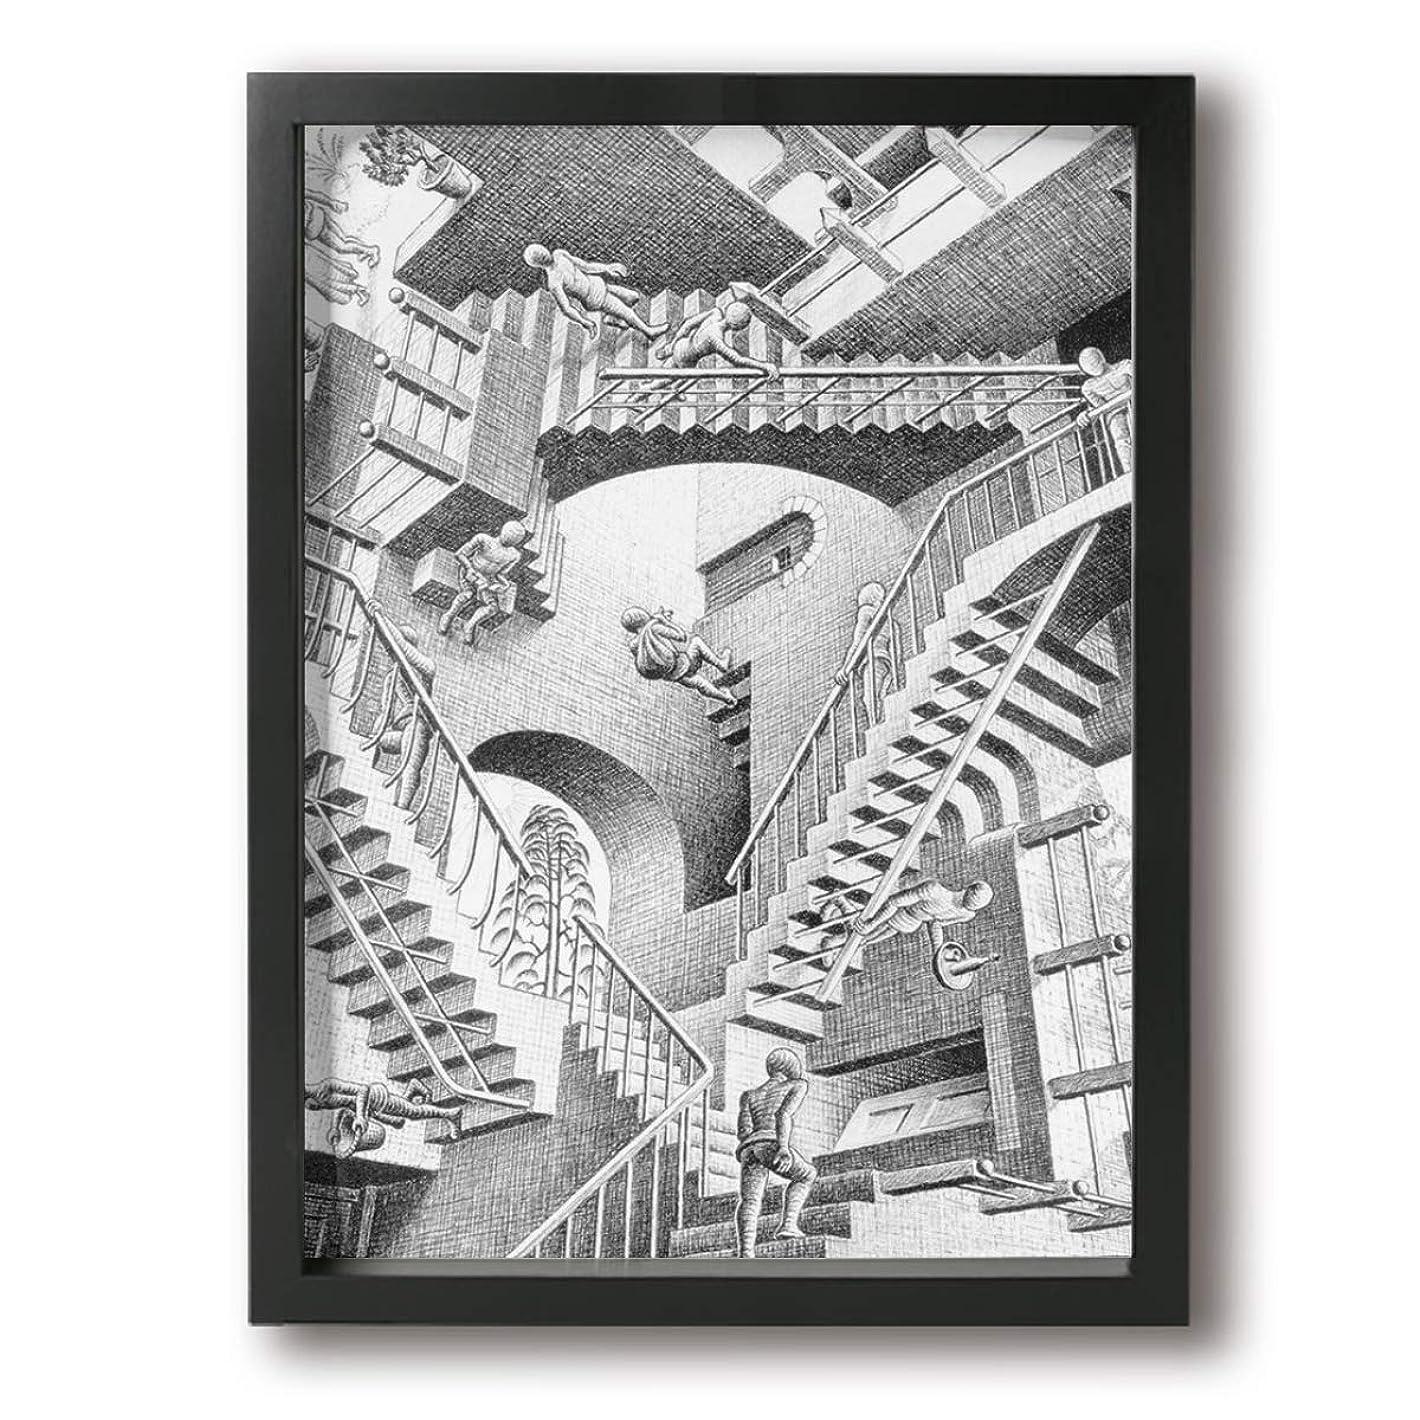 執着意見守銭奴エッシャー 絵画 現代の絵 装飾画 油絵 壁ポスター アートパネル 壁飾り インテリアアート 木製の枠 モダン 額縁付き 30*40cm